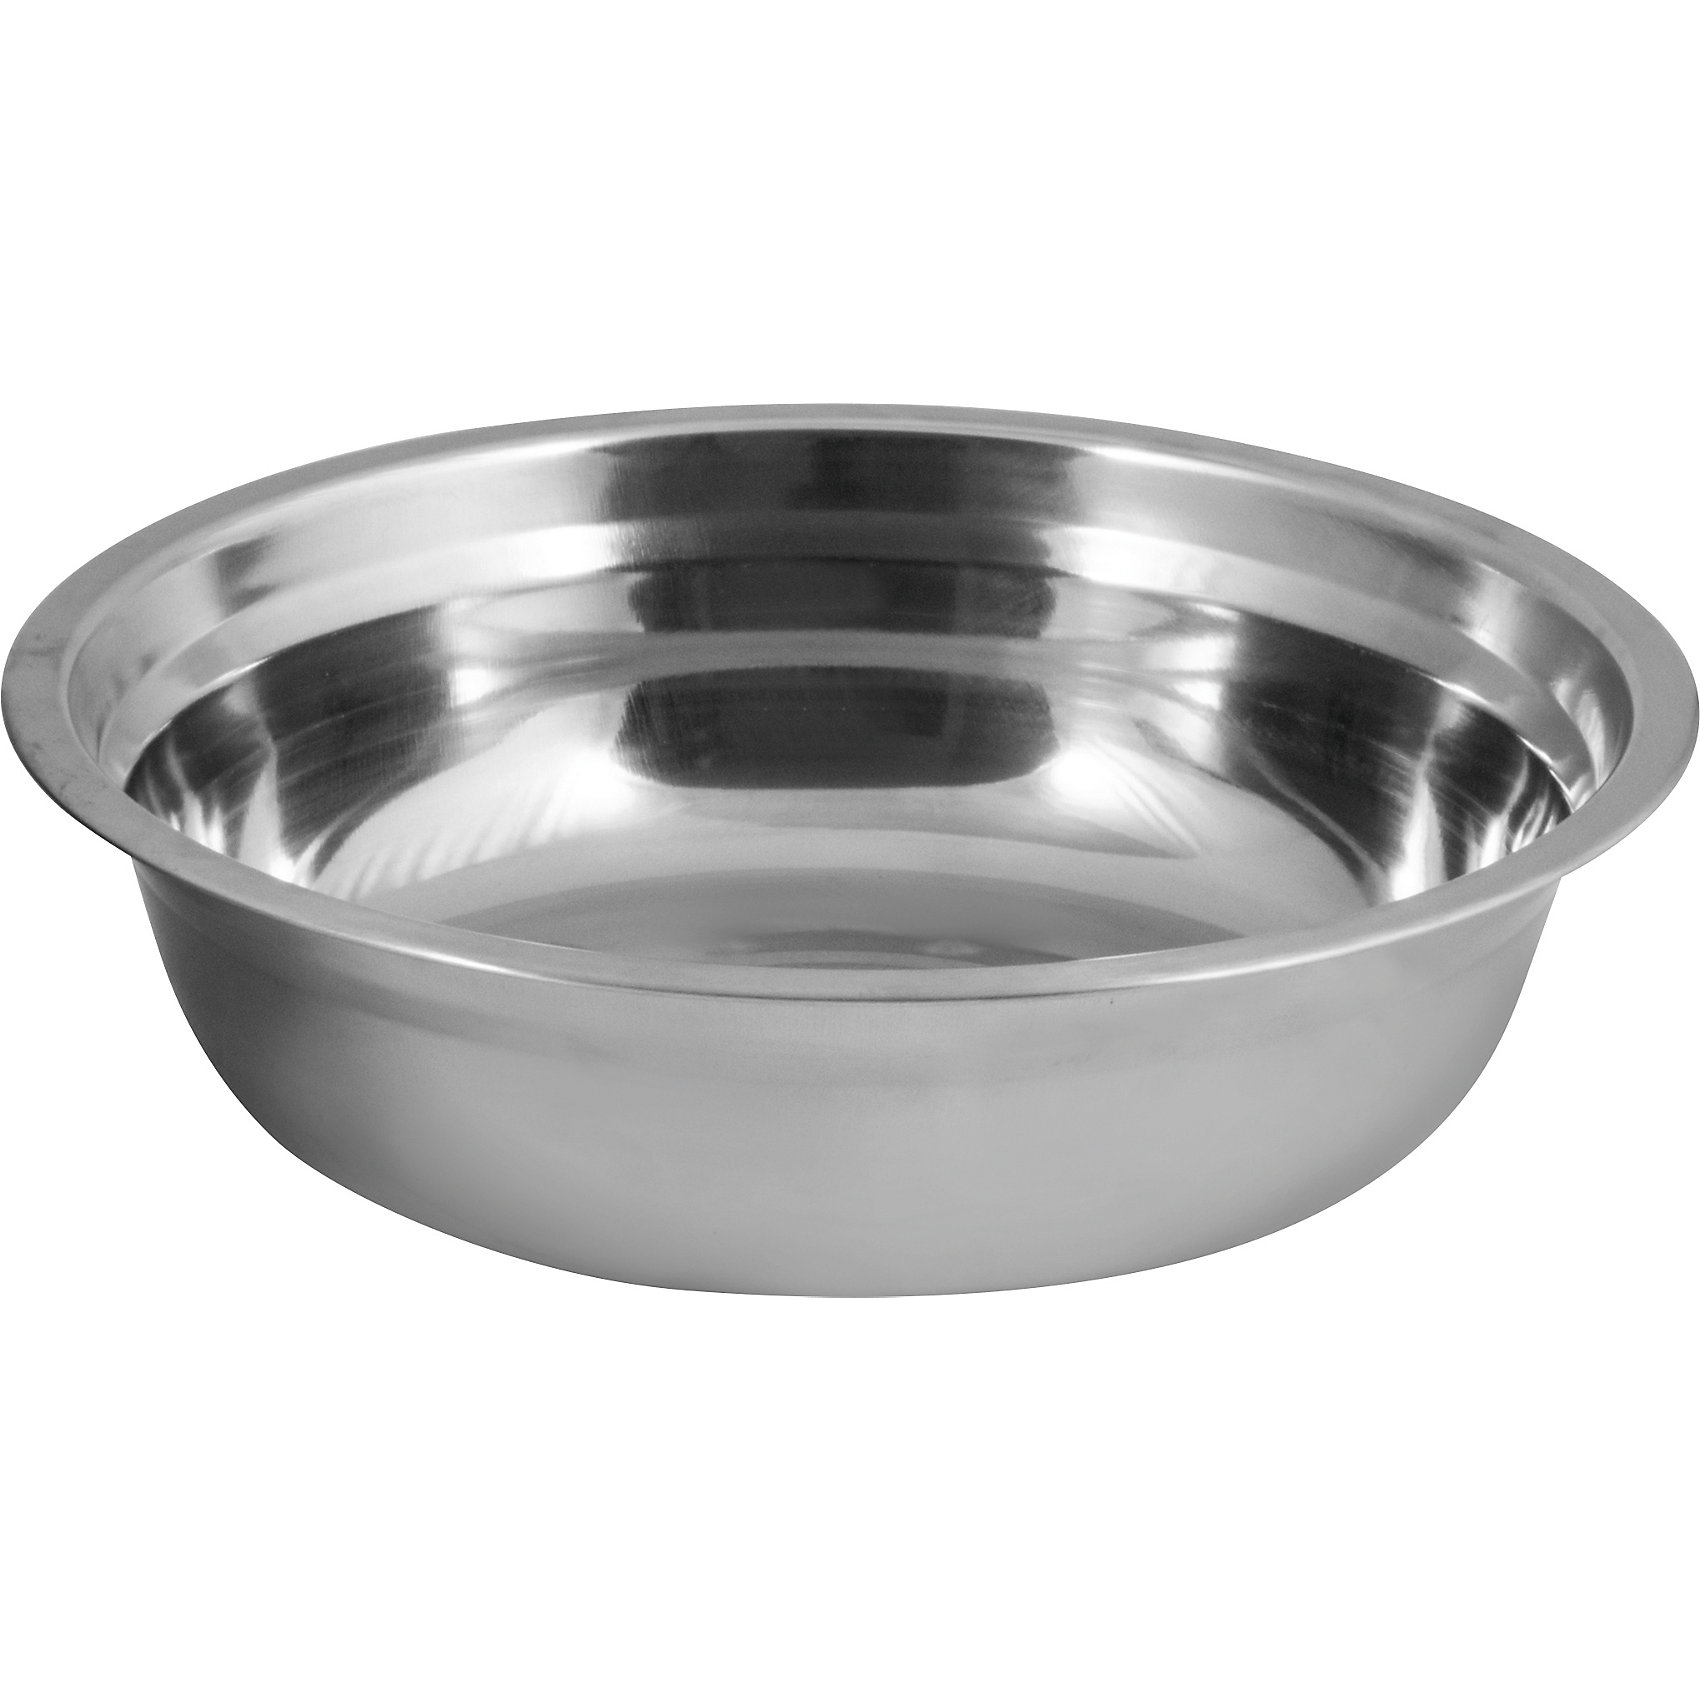 Миска BOWL-23, 23*6,1см, MallonБытовая техника для кухни<br>Миска BOWL-23, 23*6,1см, Mallony (Маллони)<br><br>Характеристики:<br><br>• зеркальная полировка<br>• одинарное дно<br>• расширенные края<br>• нержавеющая сталь<br>• толщина миски - 0,3 мм<br>• размер: 23х6,1 см<br>• объем: 1,7 л<br><br>Миска BOWL-23 пригодится вам на кухне. Она изготовлена из нержавеющей стали, имеет зеркальную полировку и одинарное дно. С помощью расширенных краев вы сможете удобно поднять или перенести миску. Диаметр миски - 23 сантиметра. Объем - 1,7 литра.<br><br>Миску BOWL-23, 23*6,1см, Mallon (Маллони) вы можете купить в нашем интернет-магазине.<br><br>Ширина мм: 270<br>Глубина мм: 250<br>Высота мм: 70<br>Вес г: 149<br>Возраст от месяцев: 12<br>Возраст до месяцев: 36<br>Пол: Унисекс<br>Возраст: Детский<br>SKU: 5454065